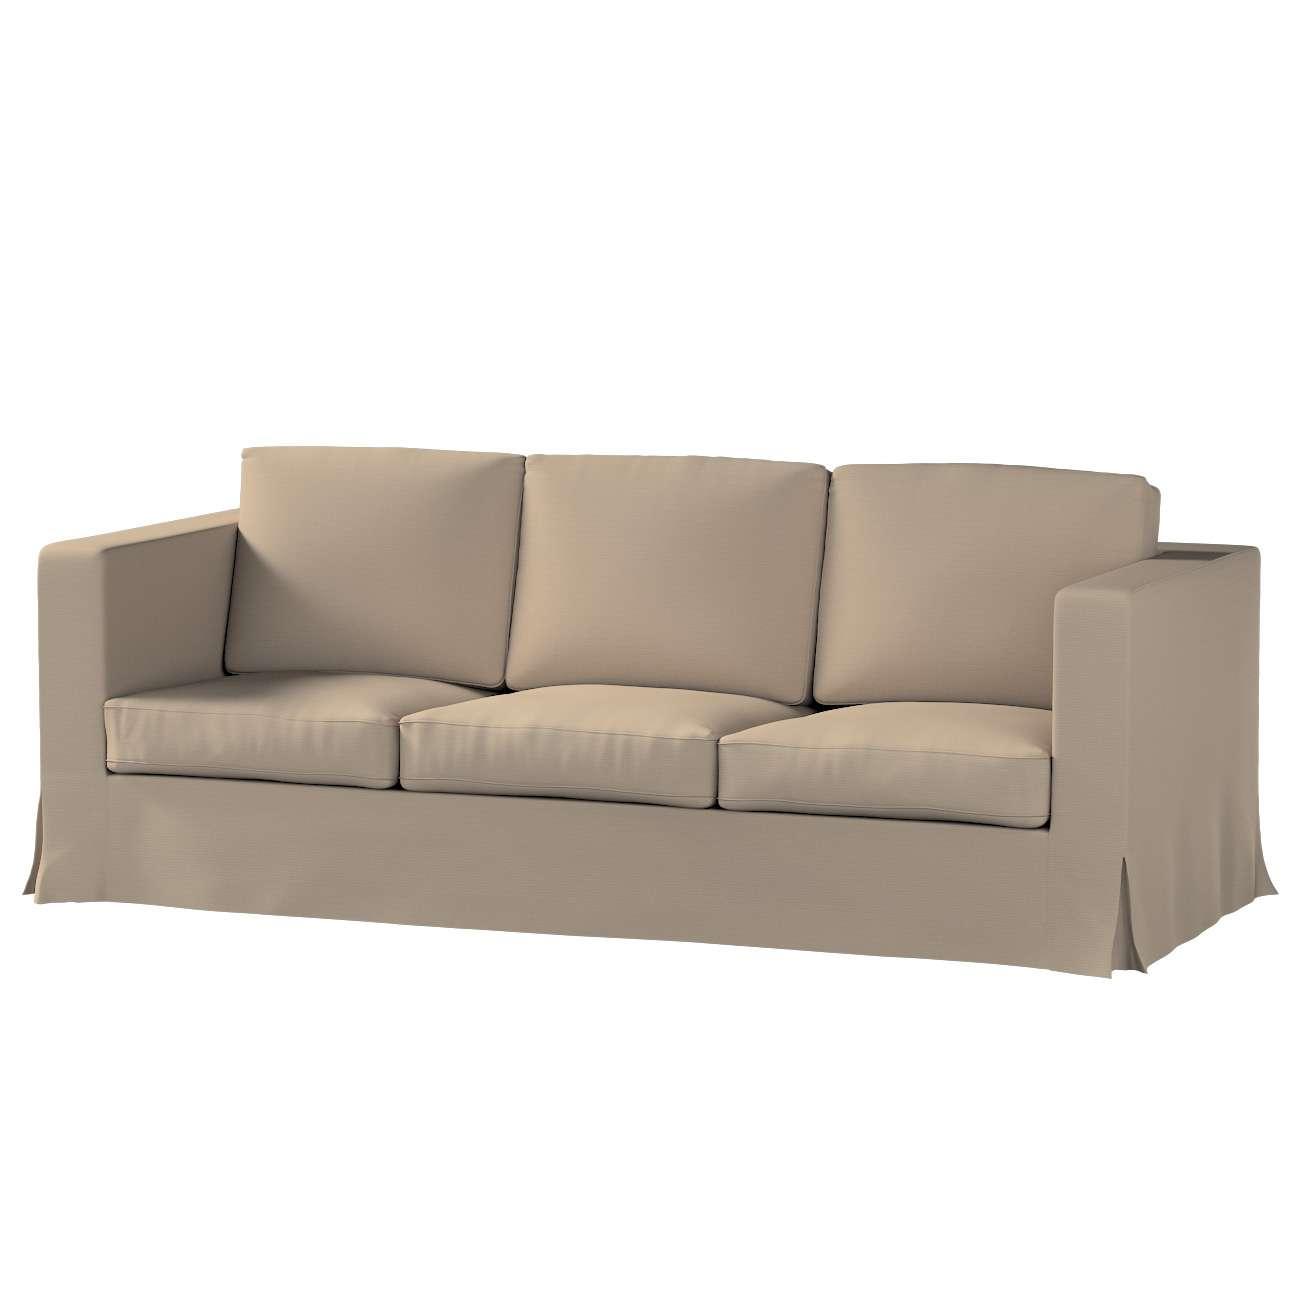 Pokrowiec na sofę Karlanda 3-osobową nierozkładaną, długi Sofa Karlanda 3-os w kolekcji Cotton Panama, tkanina: 702-28